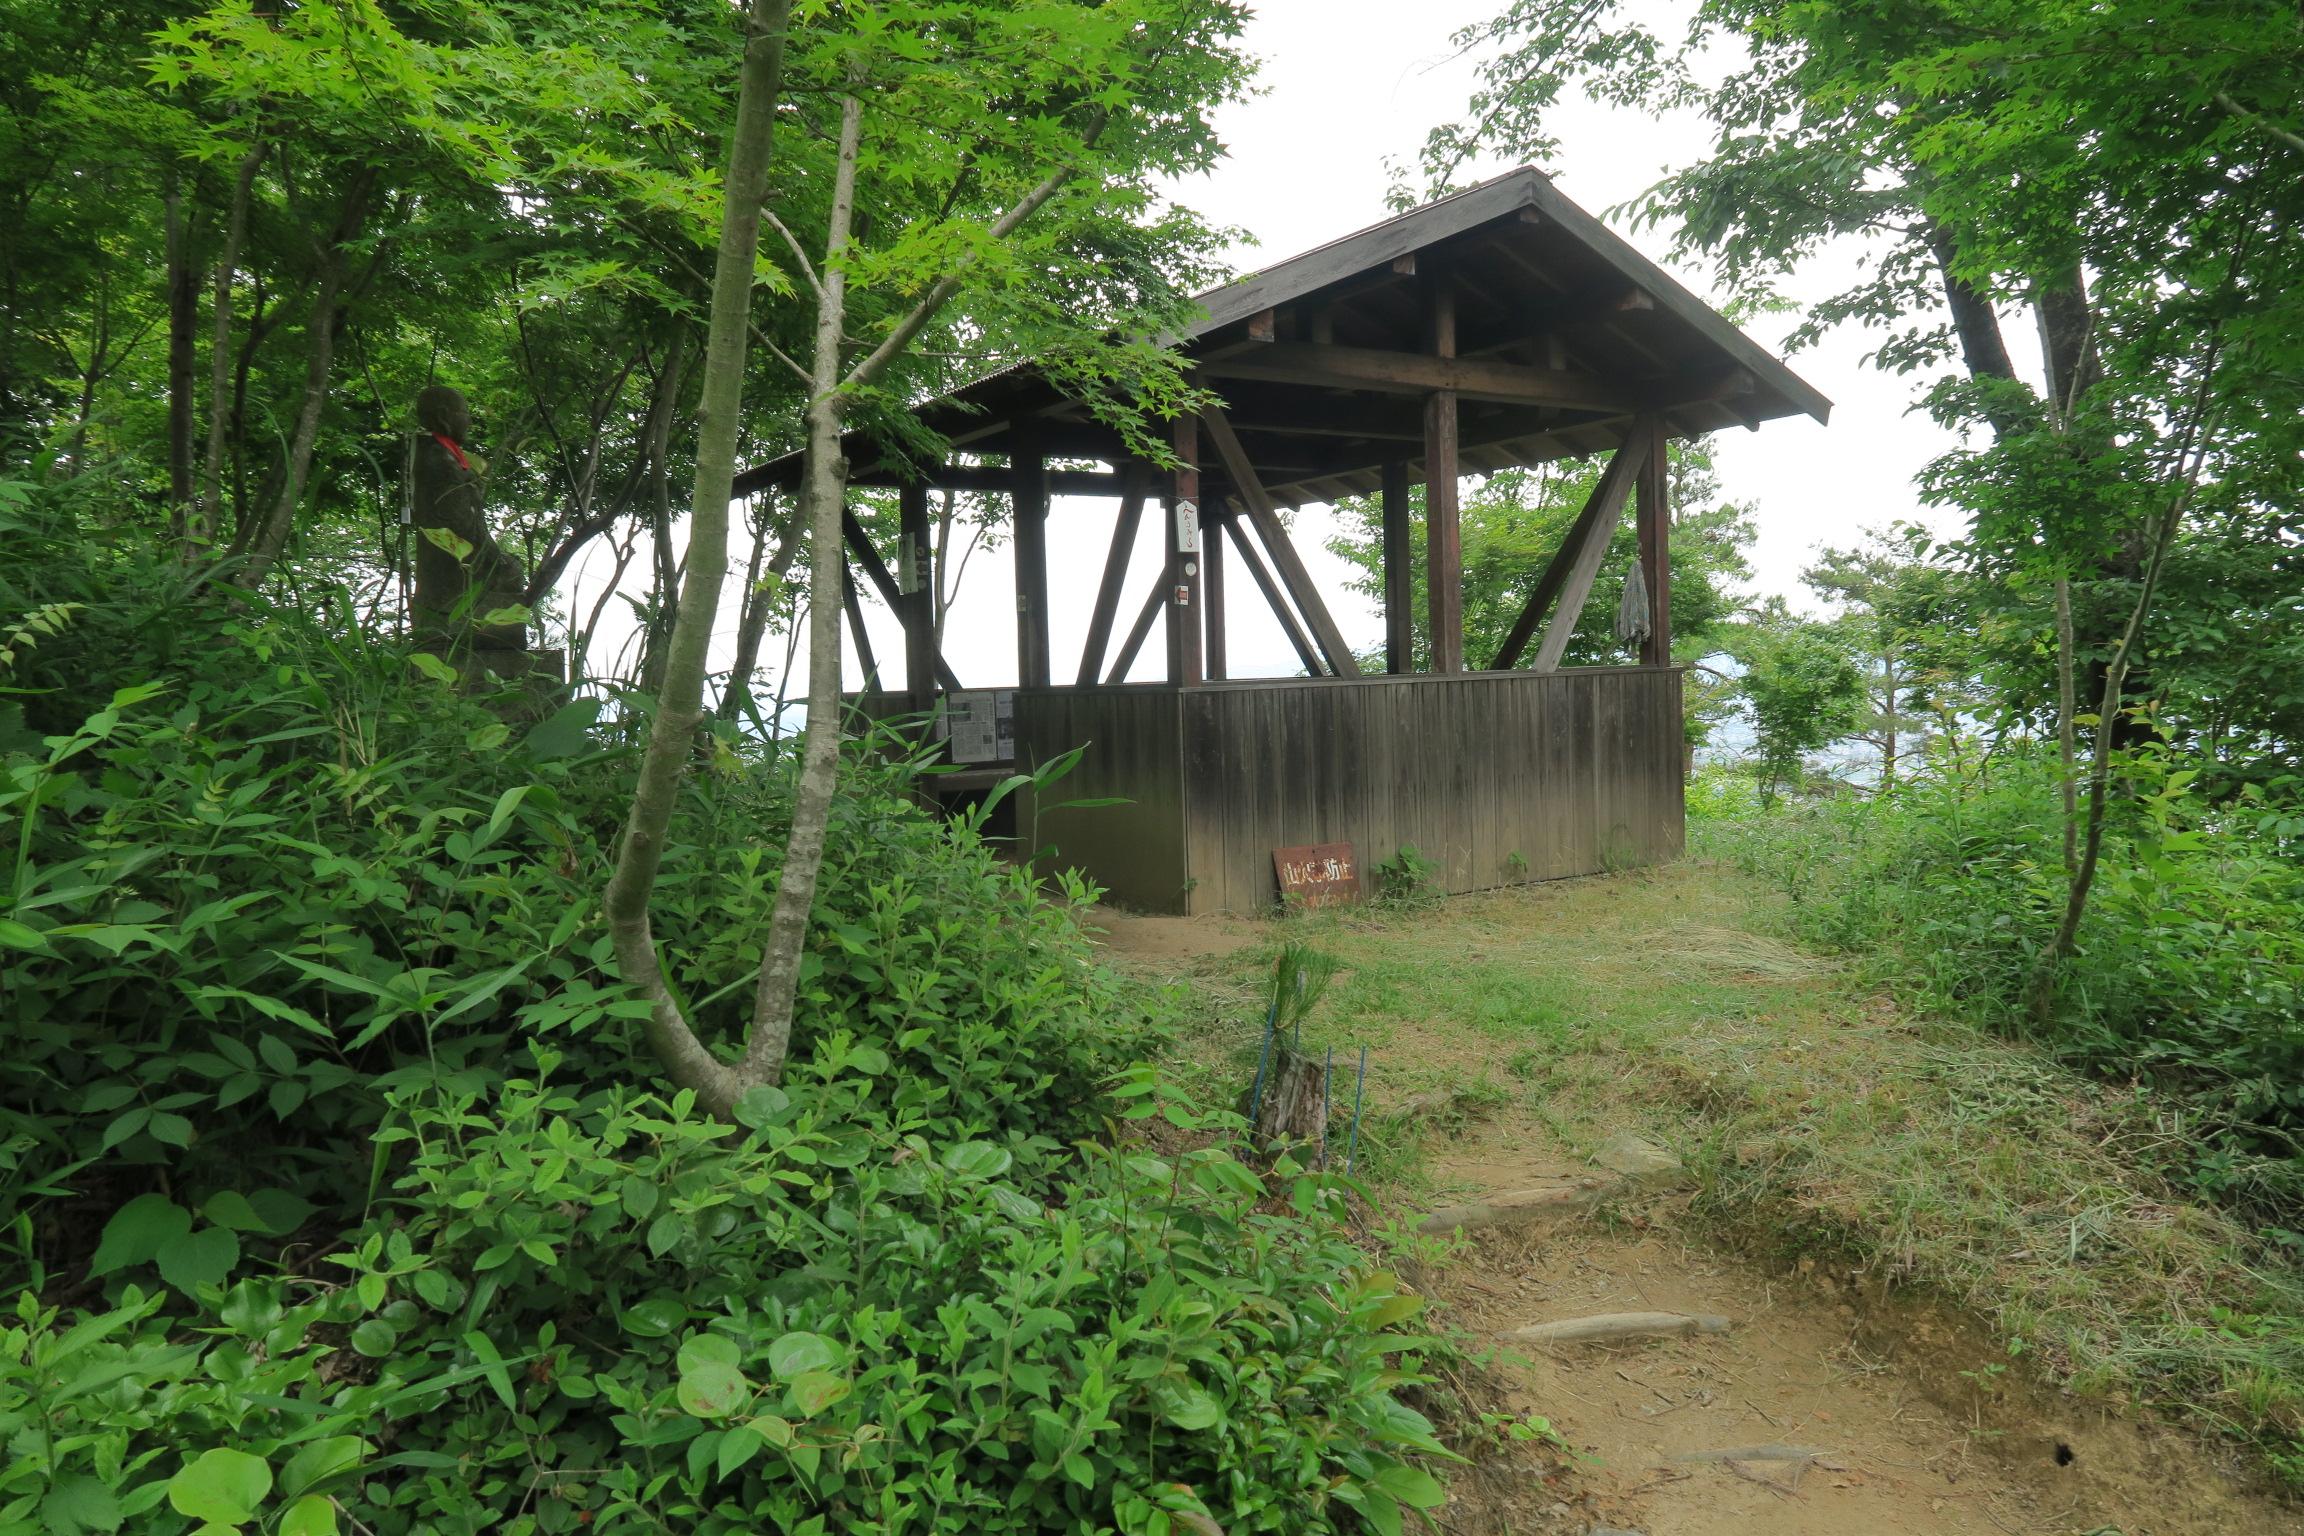 50番目の札所を過ぎると「じゅっぷく小屋」が見えてきます。ここで一休み。